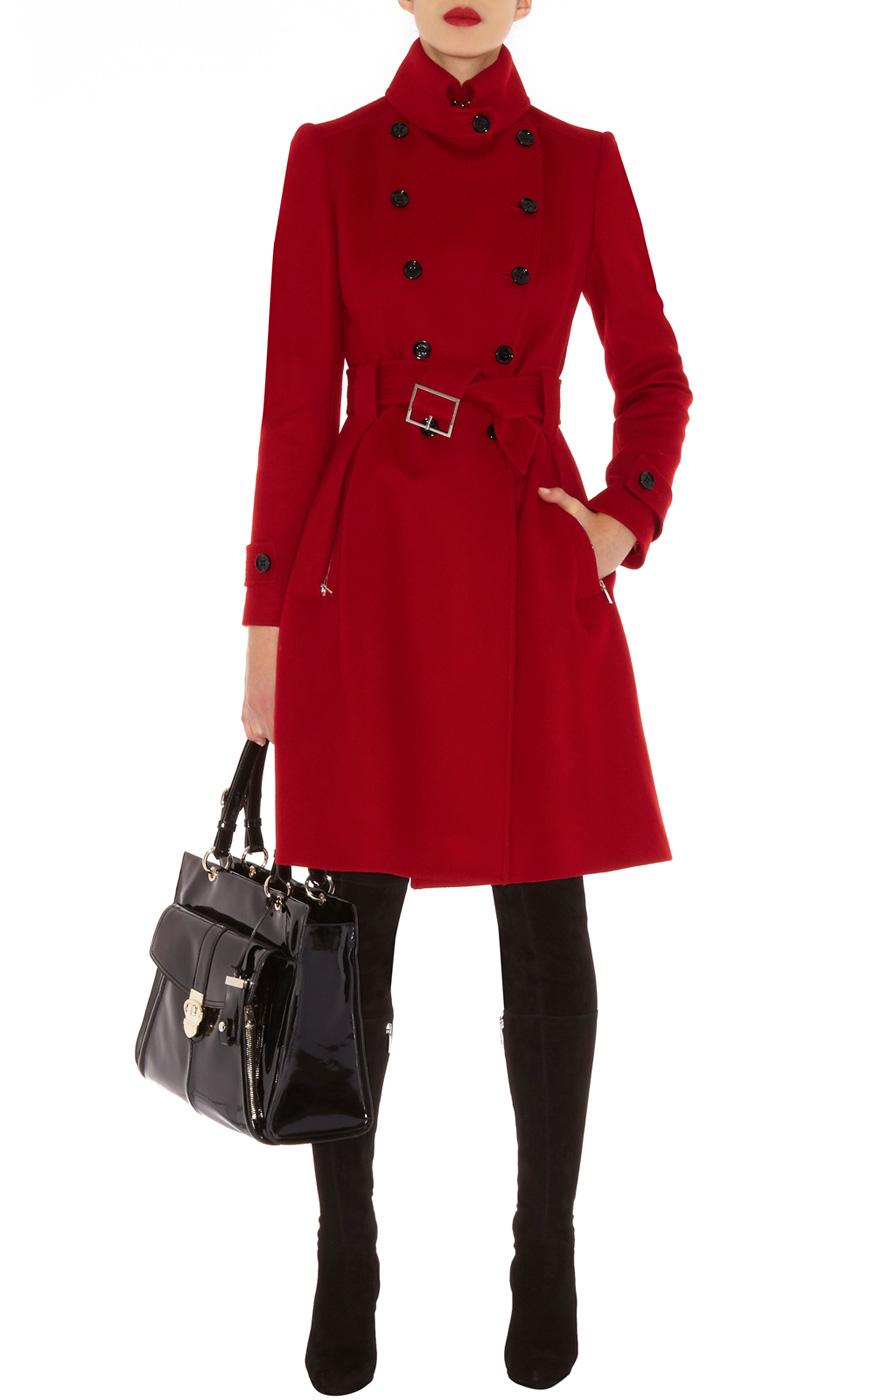 Karen millen Classic Investment Coat in Red | Lyst